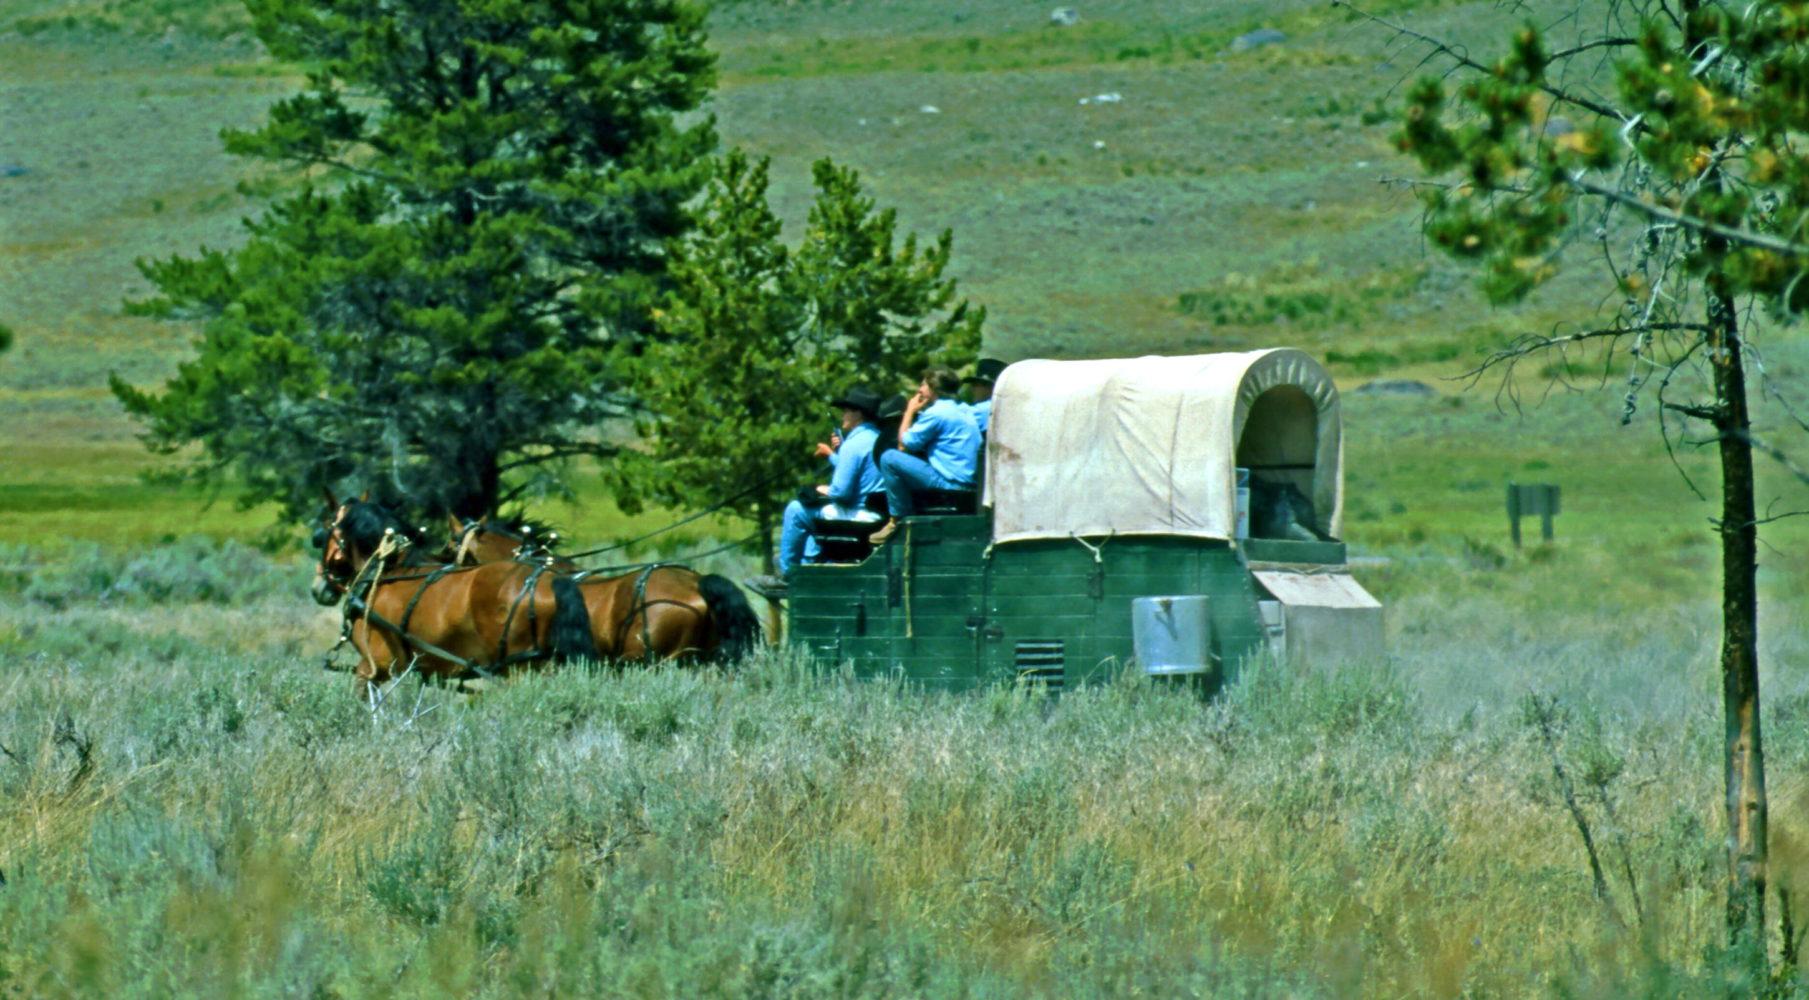 Planwagen in Kanada © Horst Reitz 1992